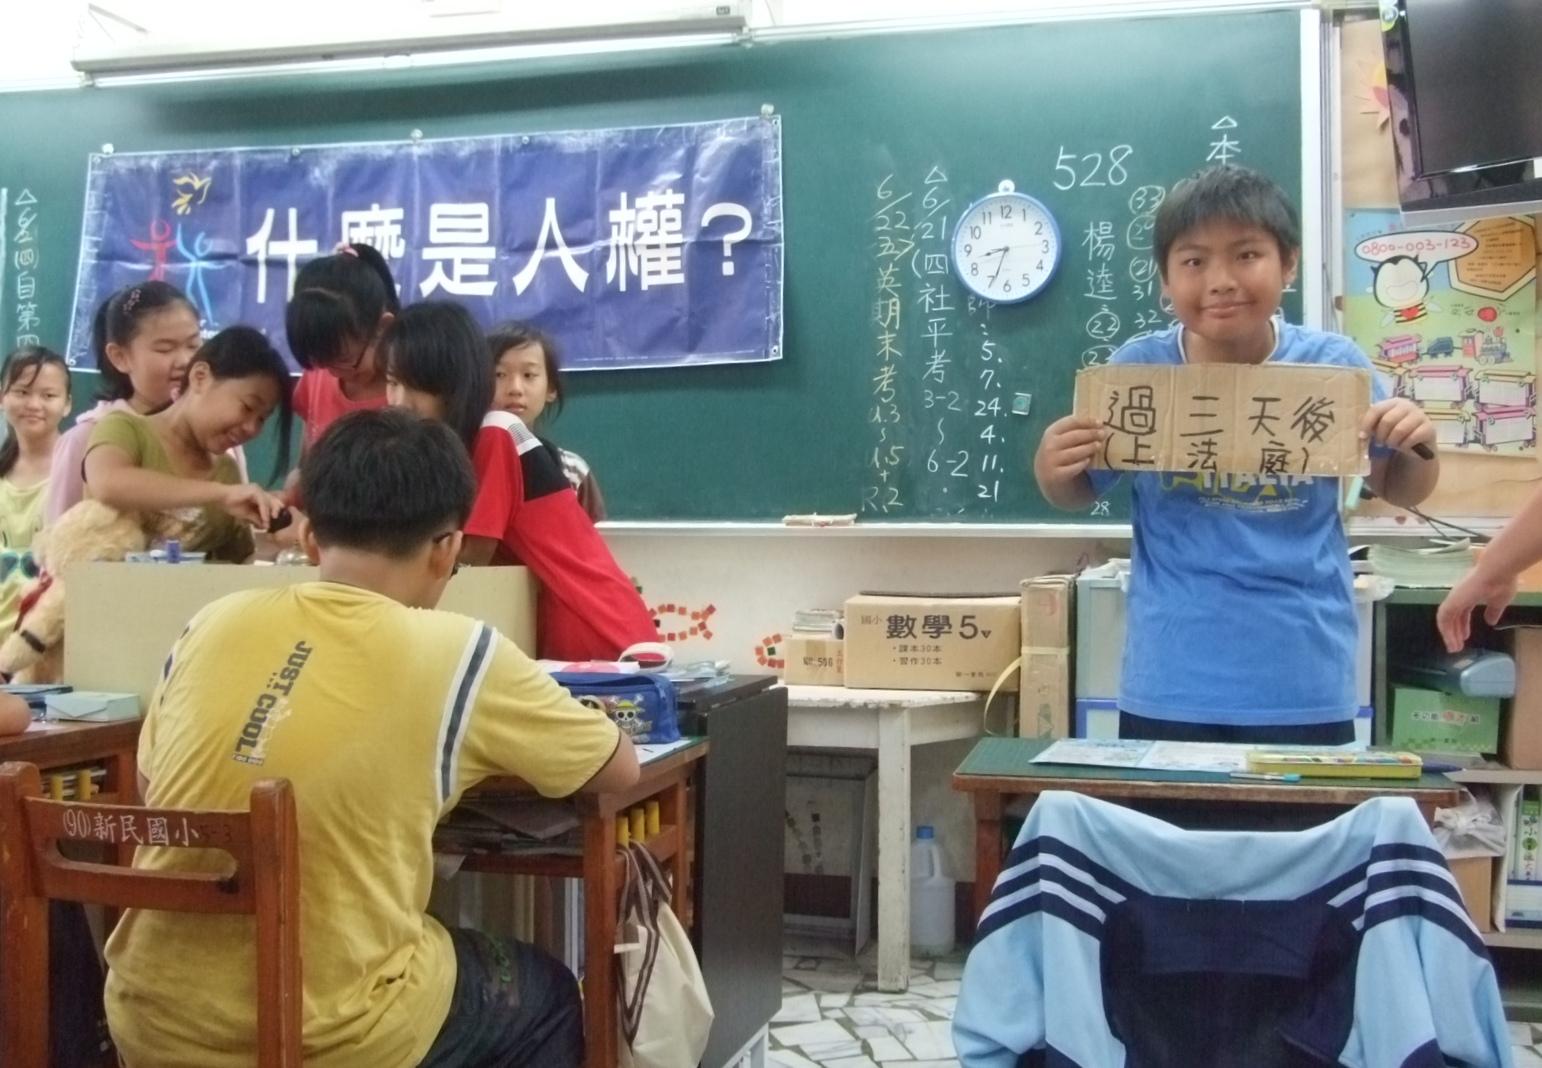 志工媽媽教導學童人權 班級氣氛更加融洽